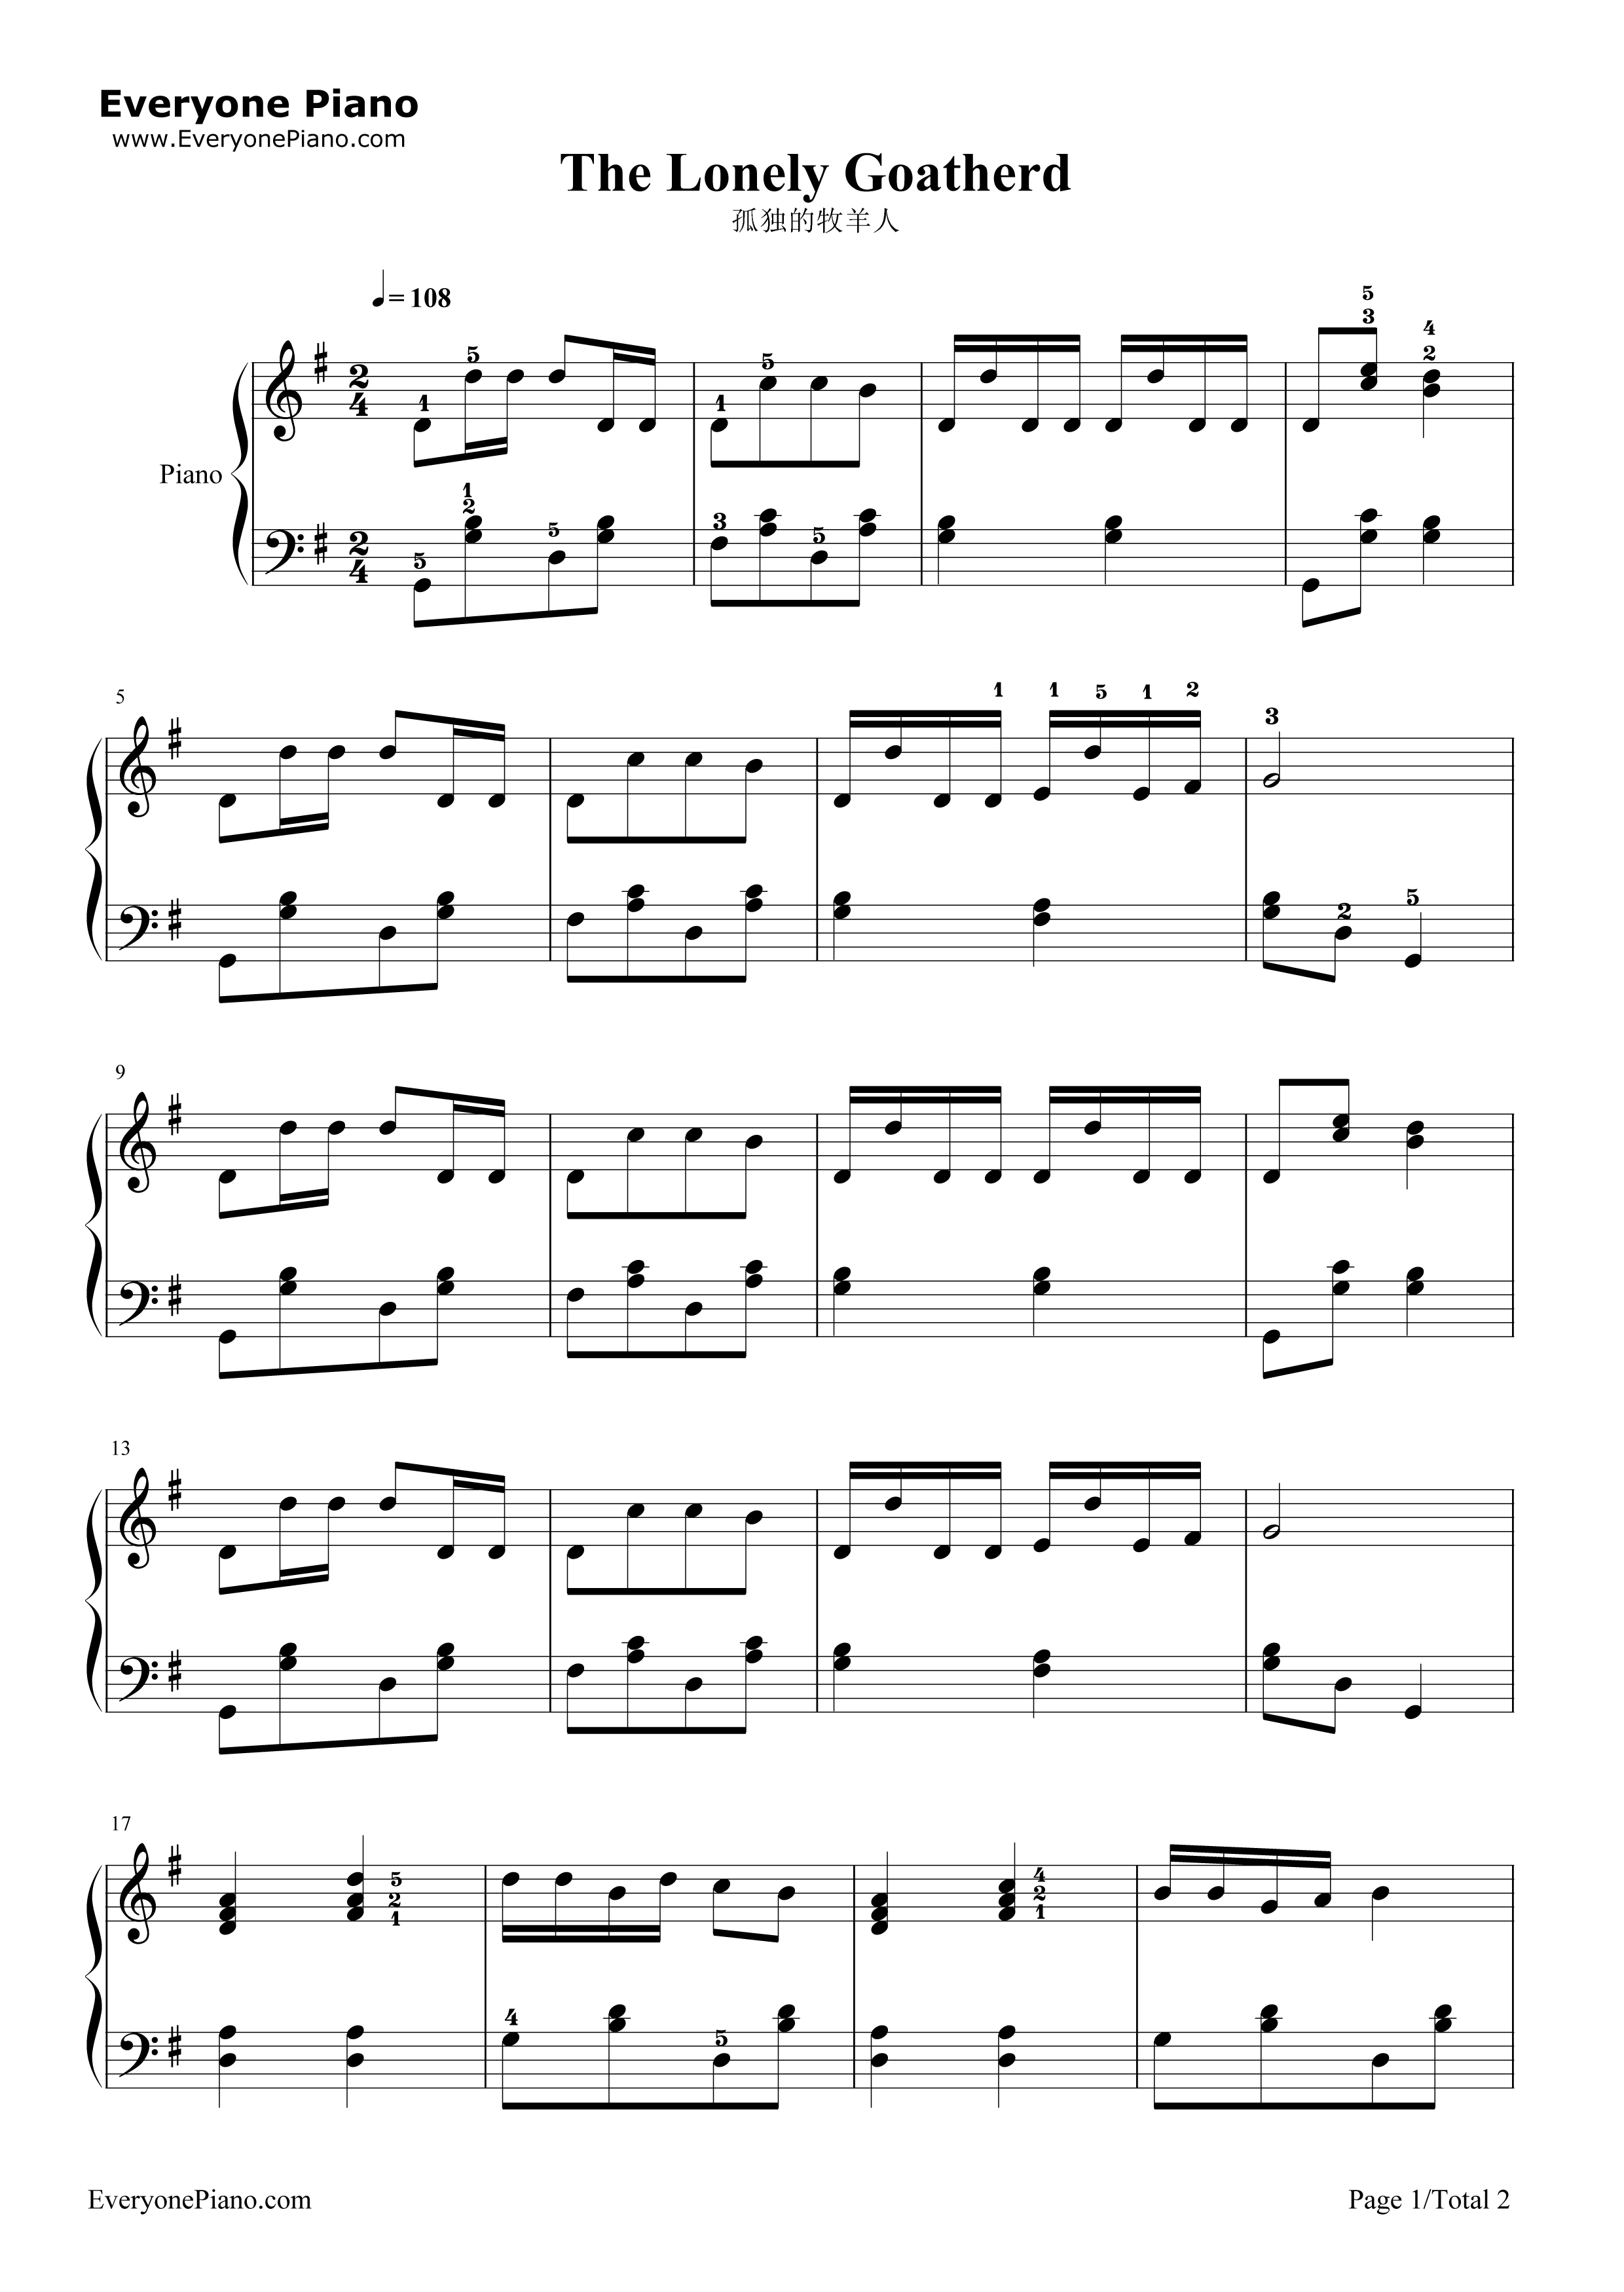 孤独的牧羊人-音乐之声插曲五线谱预览1